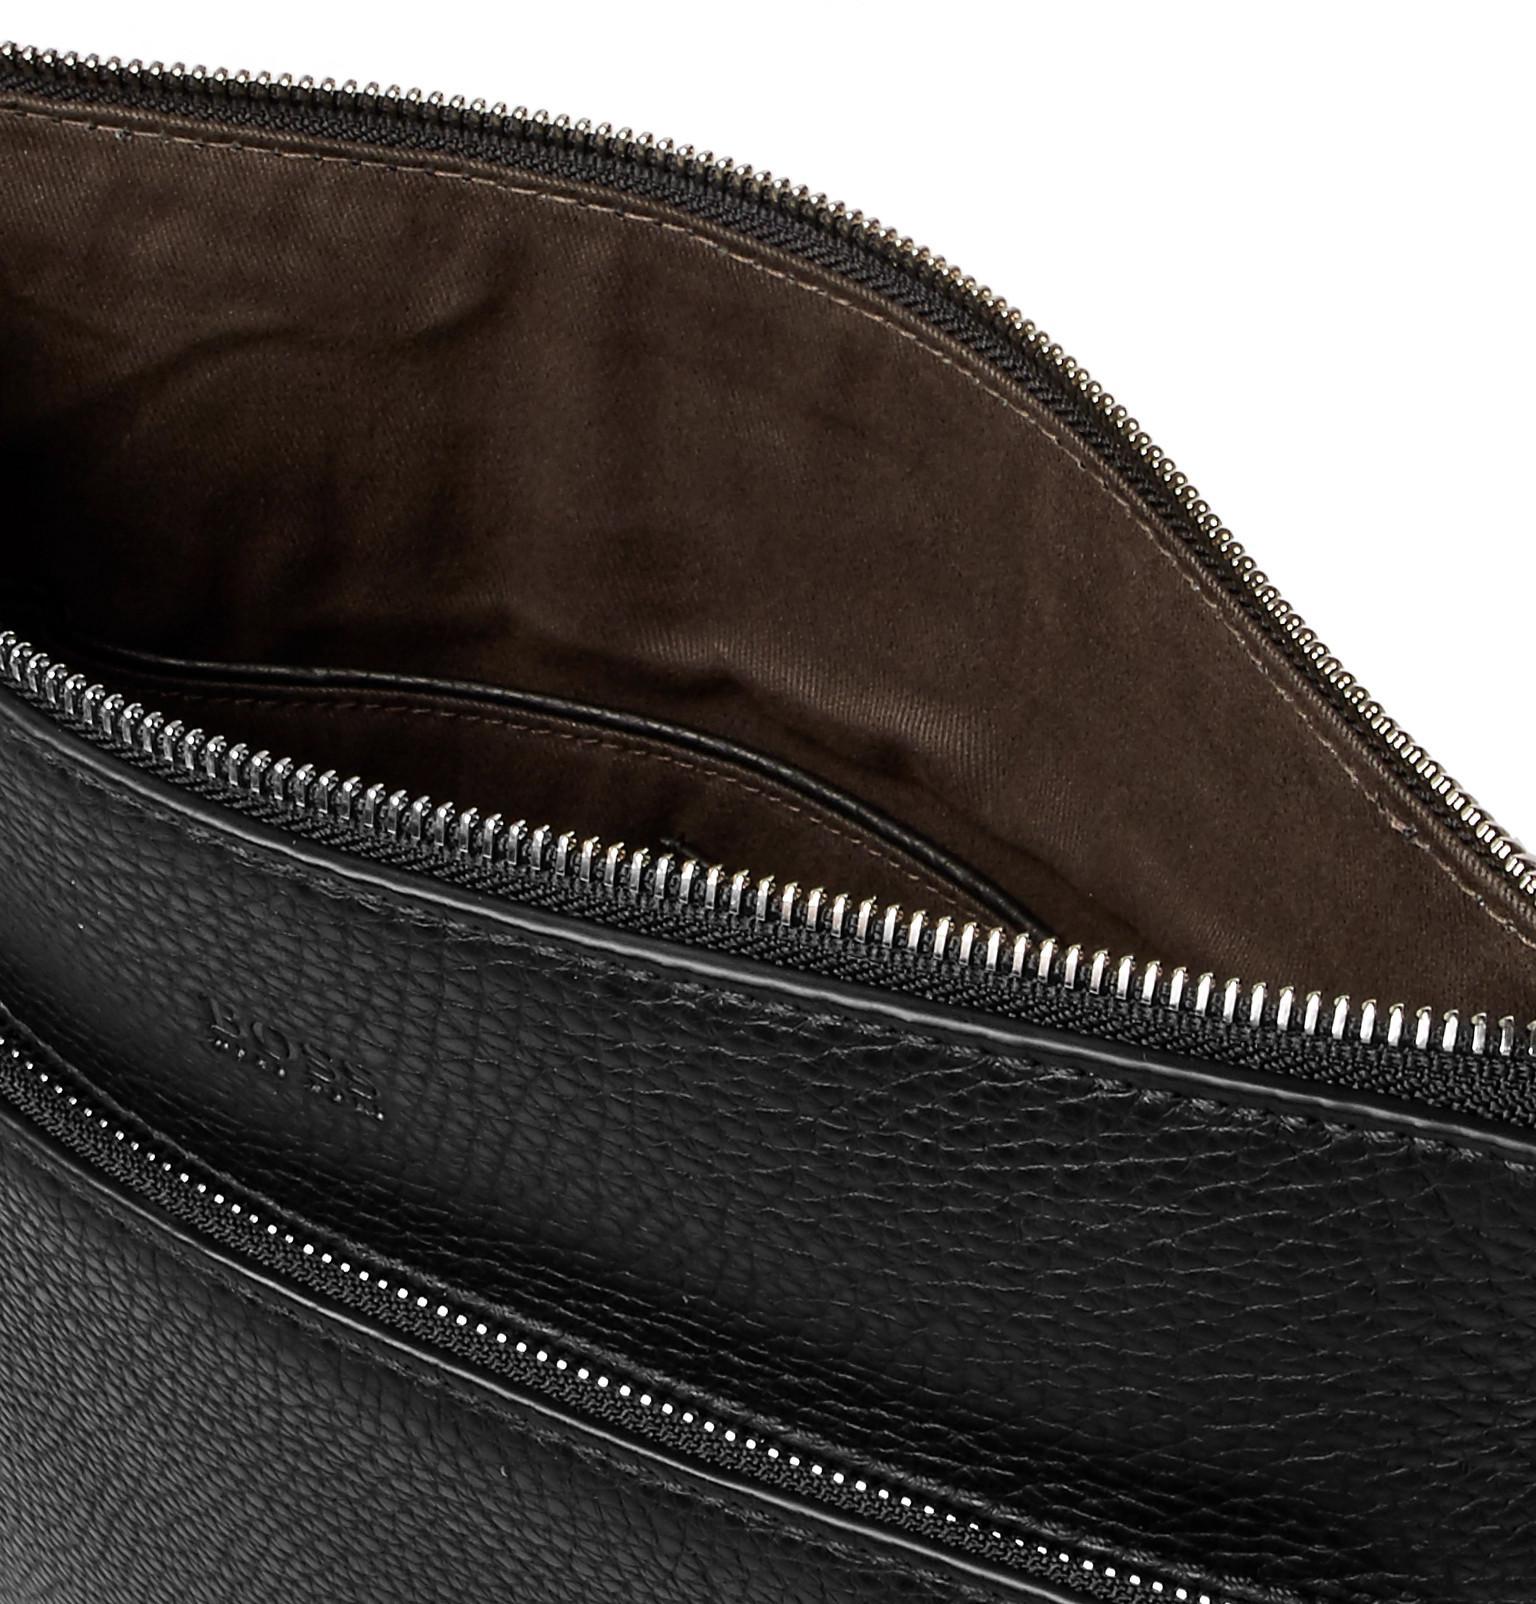 Full Grain Leather Messenger Bag For Men Lyst View Fullscreen